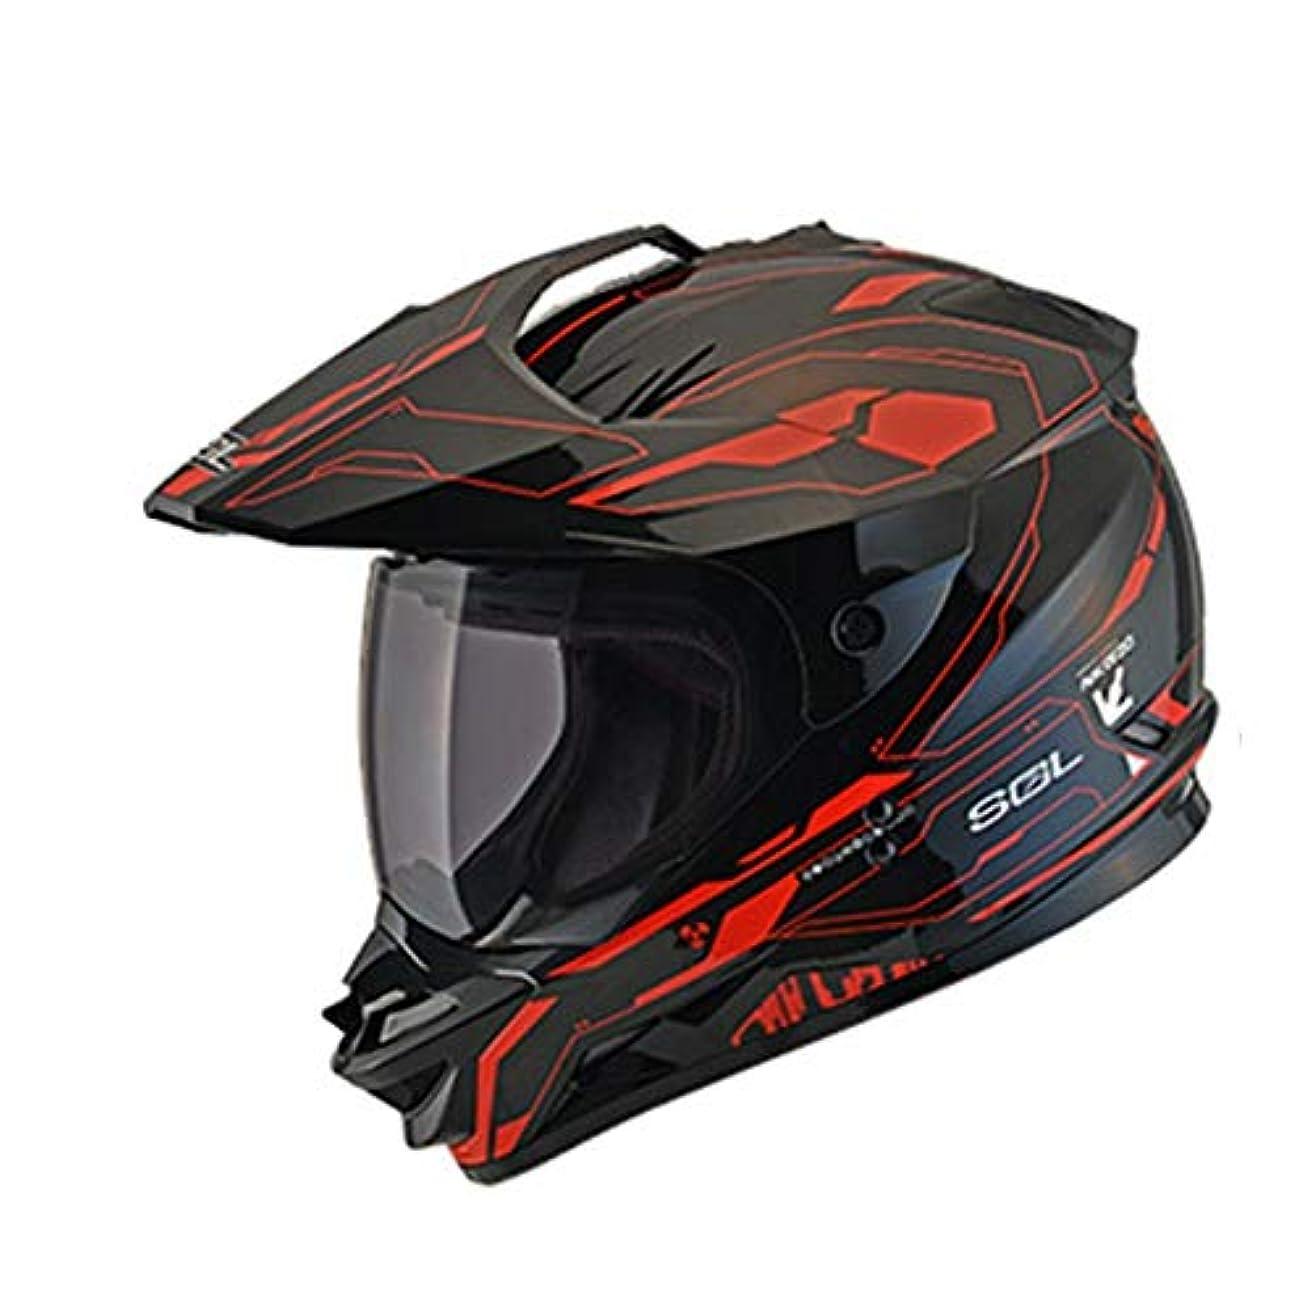 並外れて急流ハードウェアHYH オートバイヘルメットオフロードヘルメット多機能ヘルメットレーシング機関車フルフェイスヘルメット電動オートバイヘルメット四季 - 黒 - 赤のストライプ いい人生 (Size : XL)